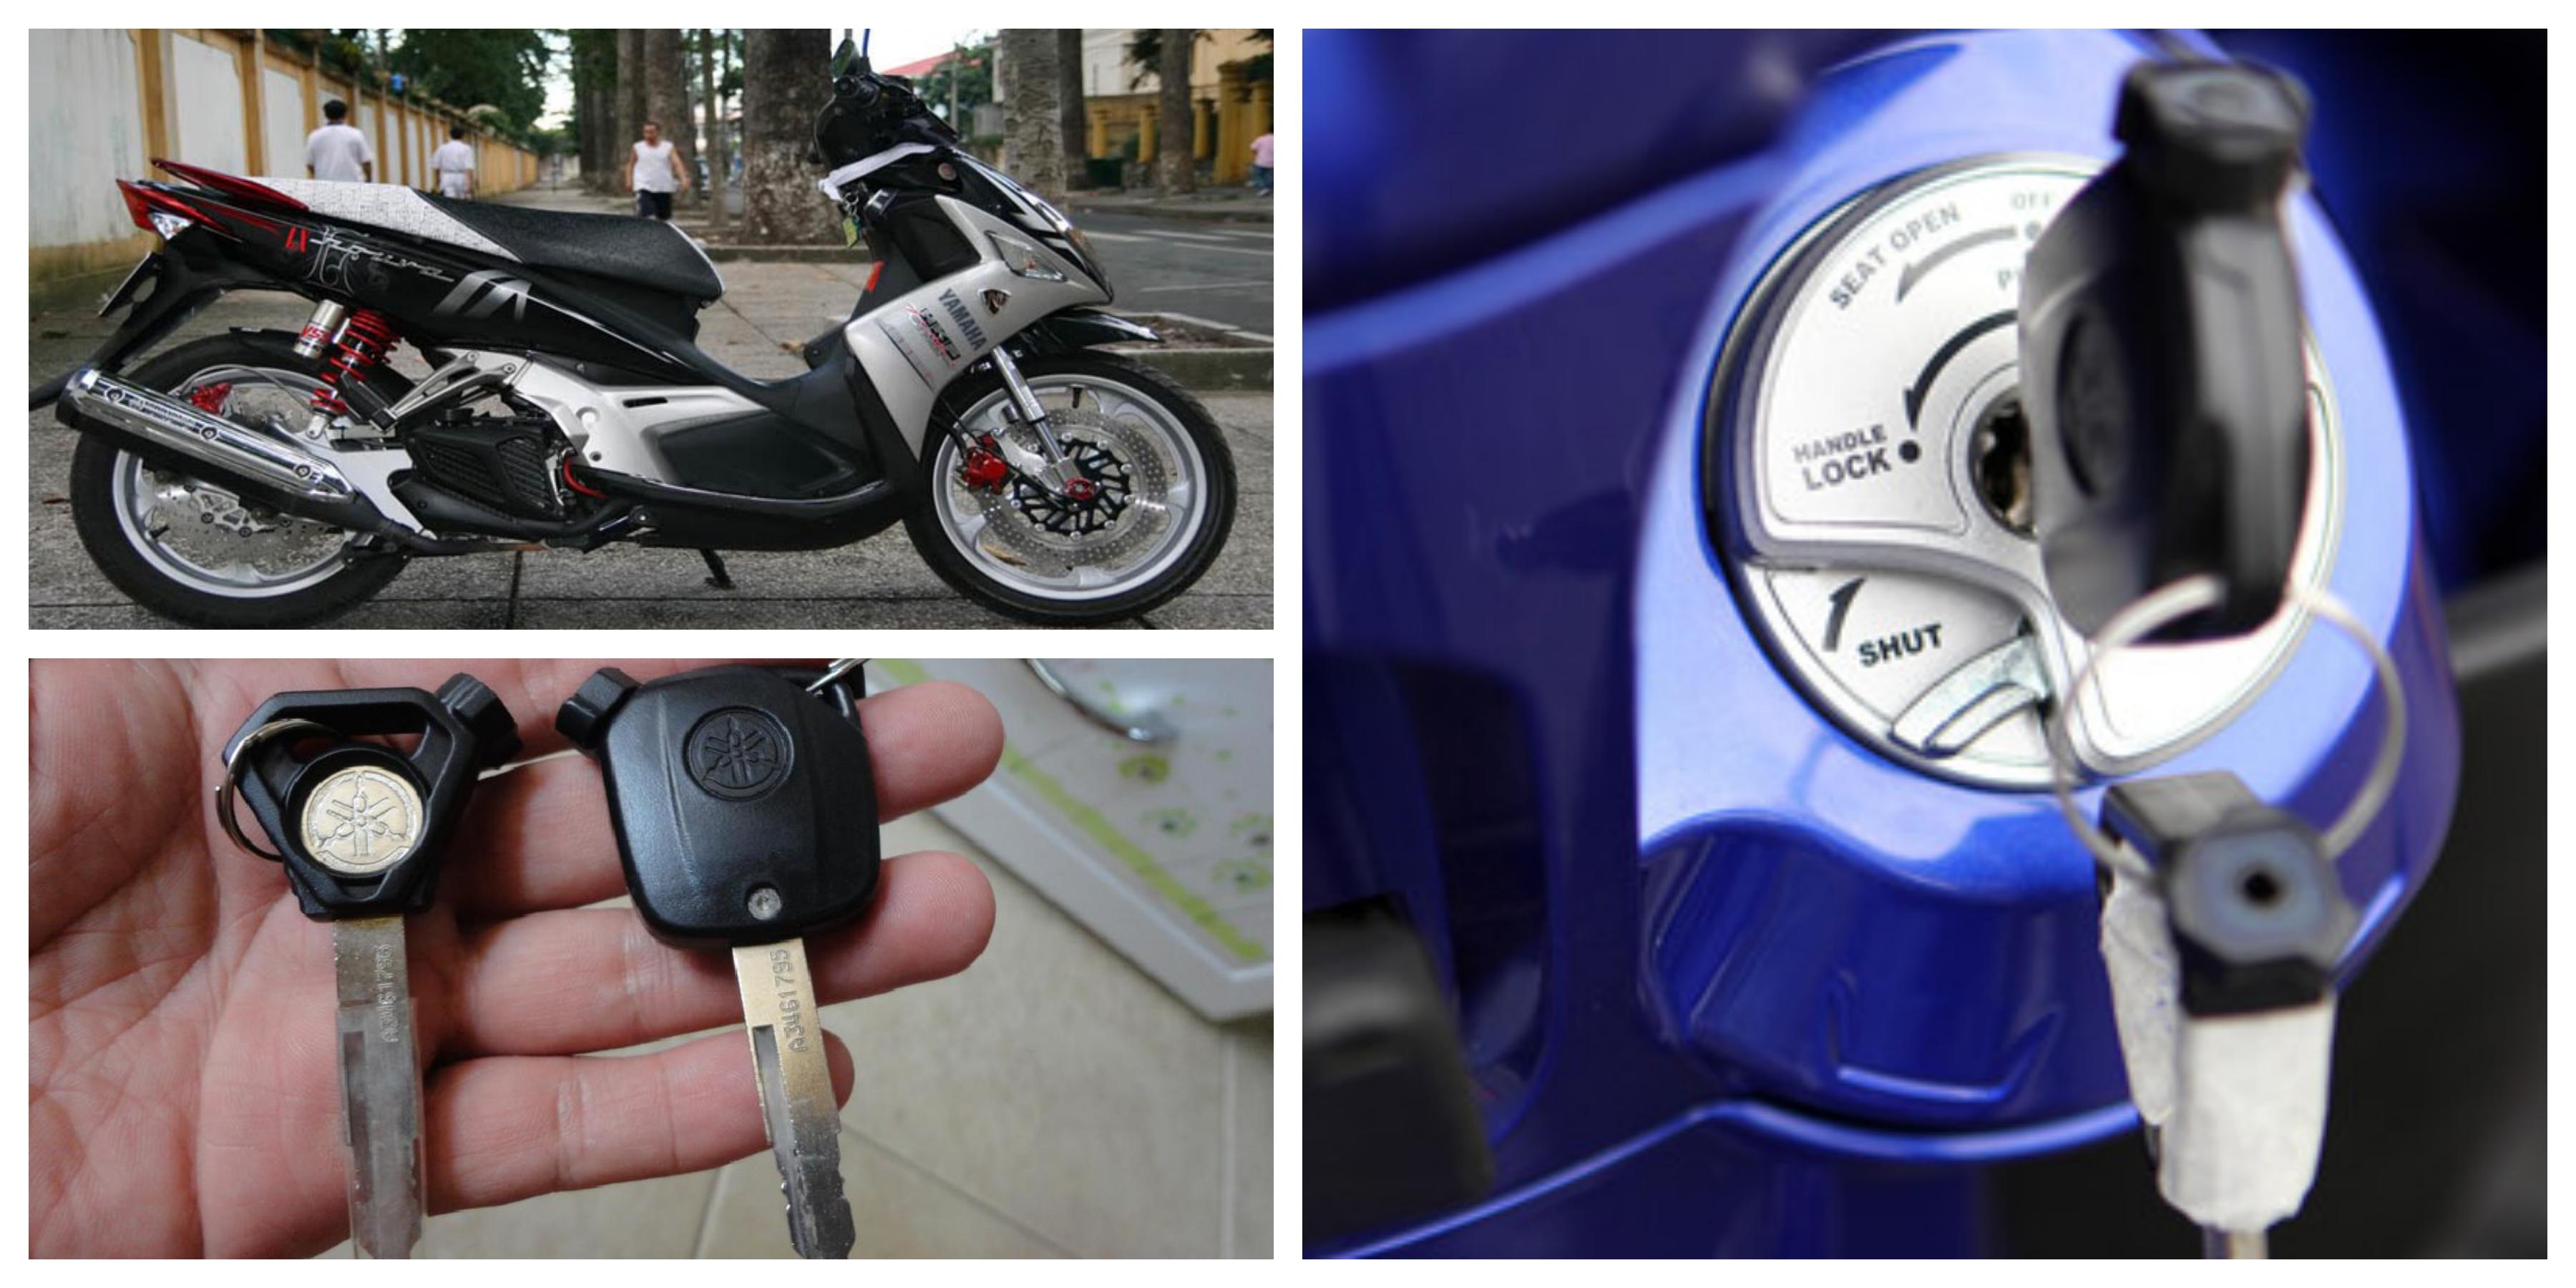 Làm chìa khóa xe Nouvo tại nhà giá rẻ hỗ trợ 24/24